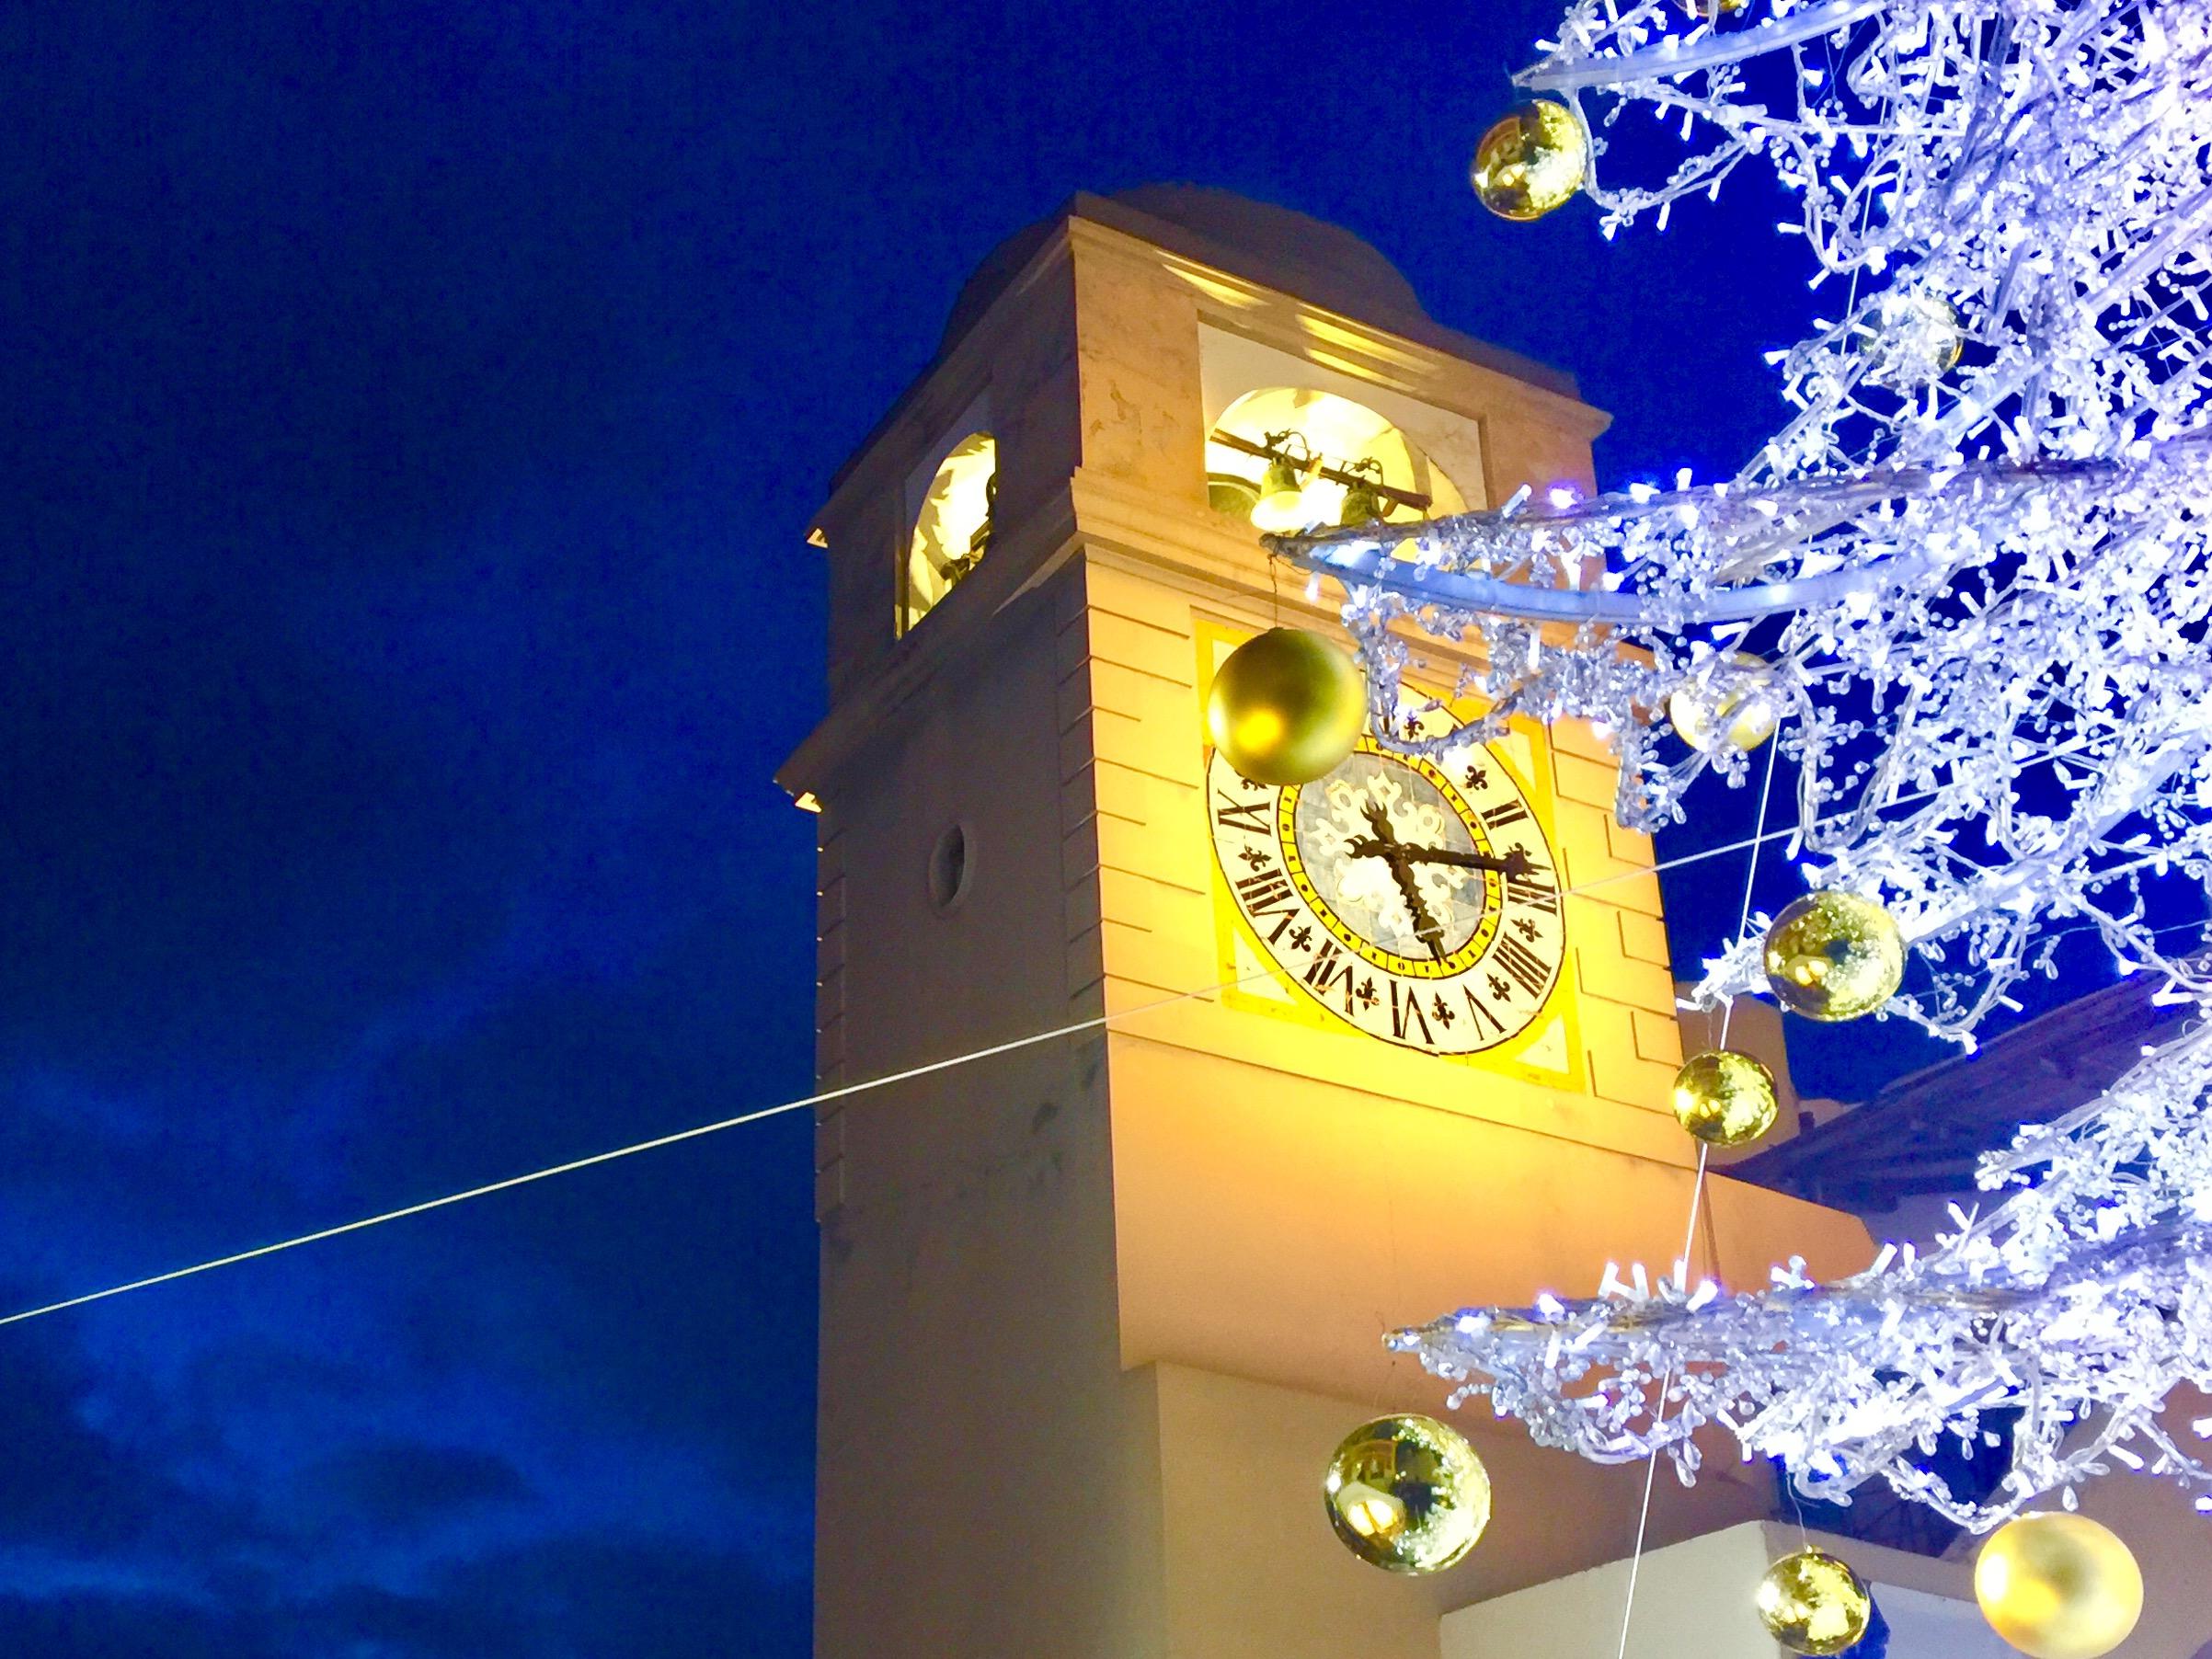 Capodanno a Capri: Sold Out per la notte più lunga dell'anno, Ristoranti e Locali Aperti